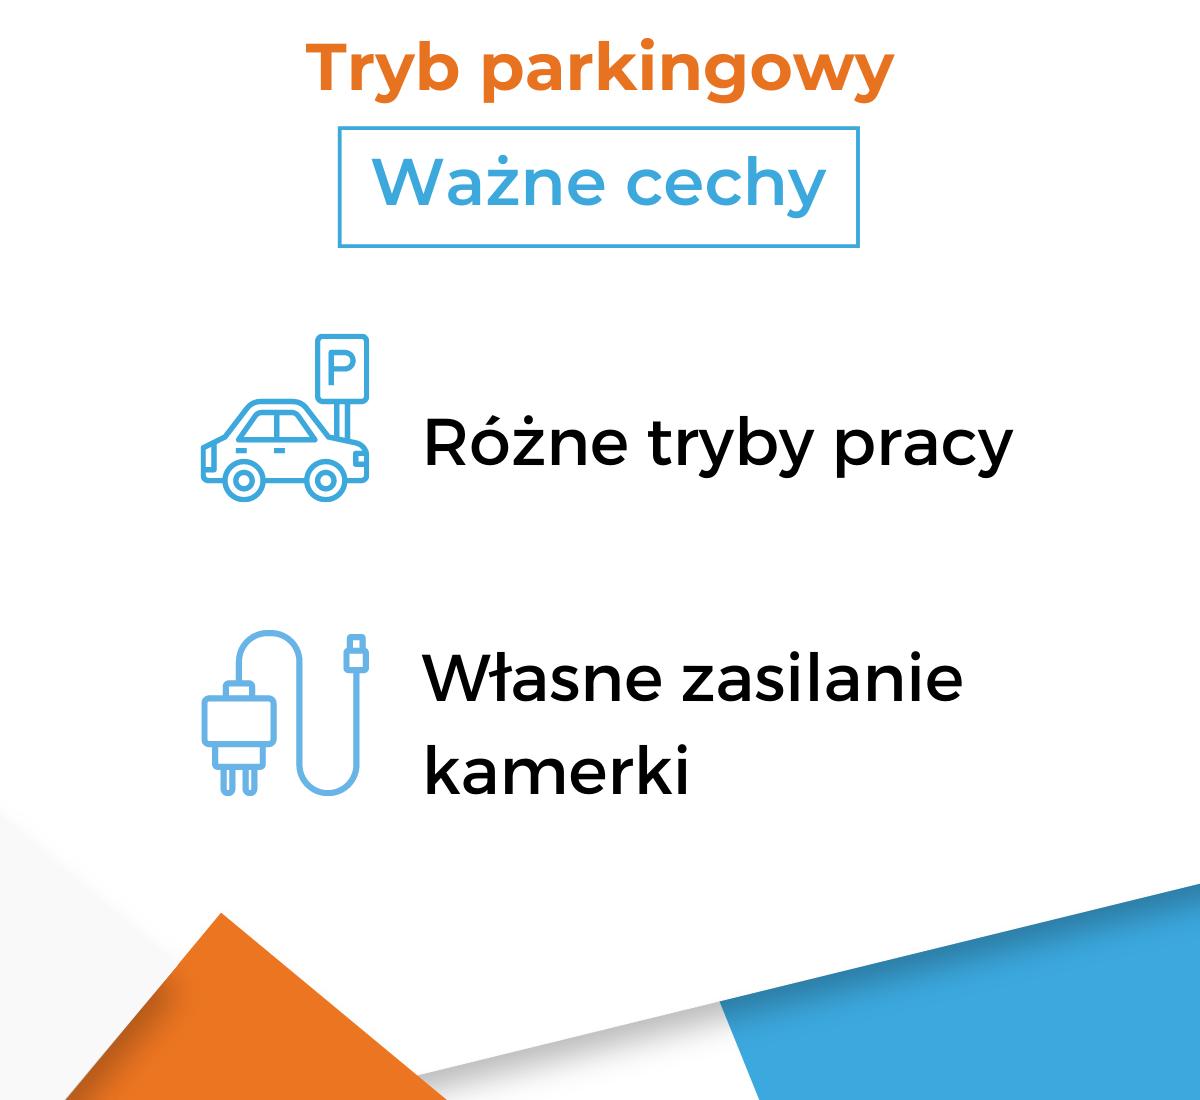 Ważne cechy trybu parkingowego w kamerkach samochodowych - infografika